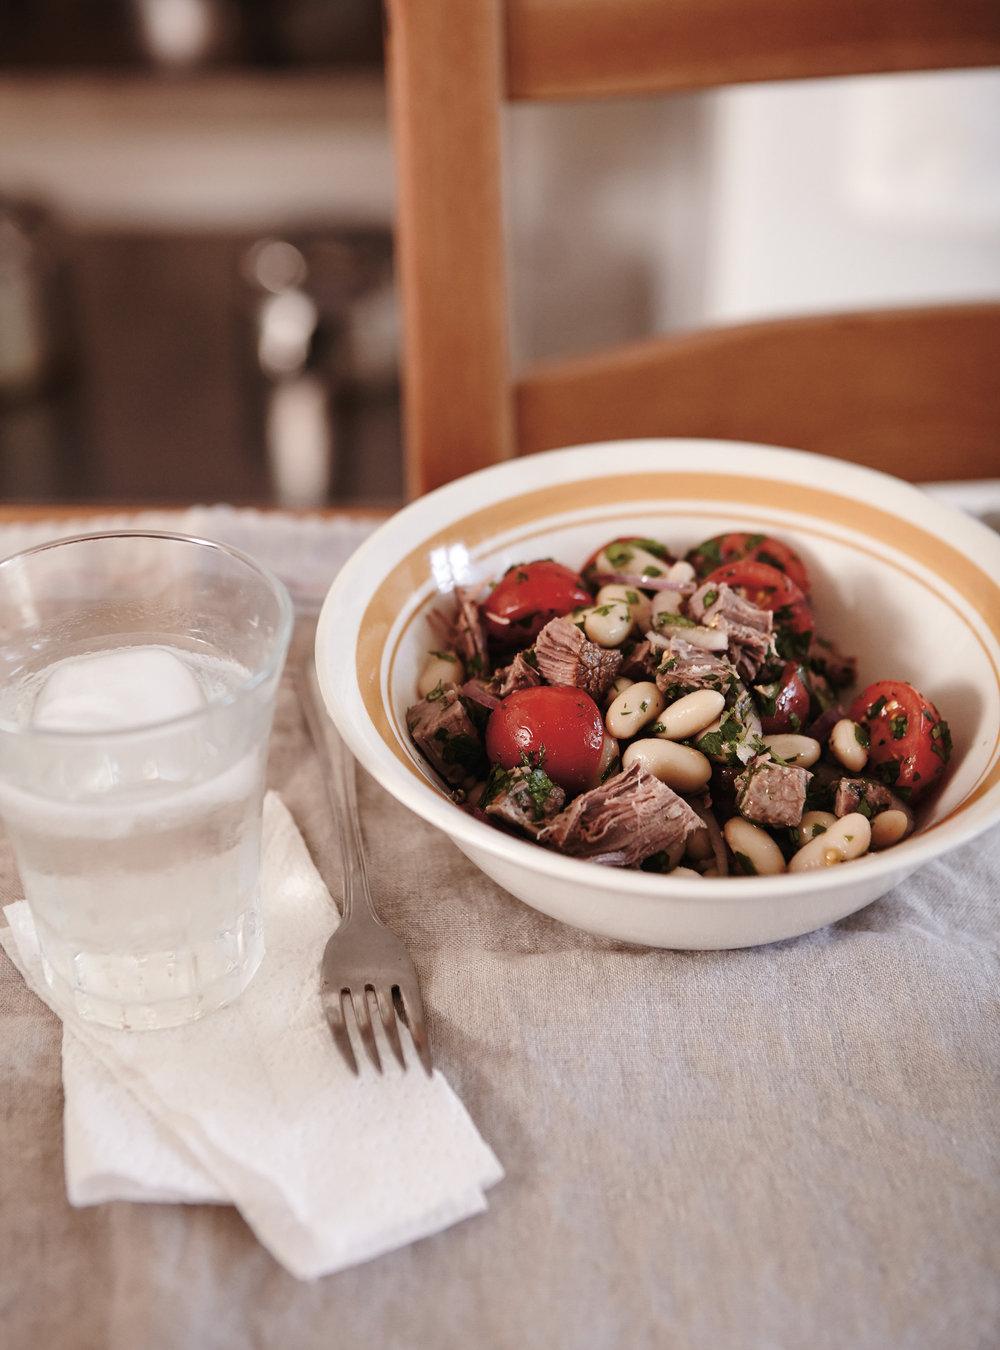 Salade de haricots blancs et tomates au boeuf braisé | ricardo